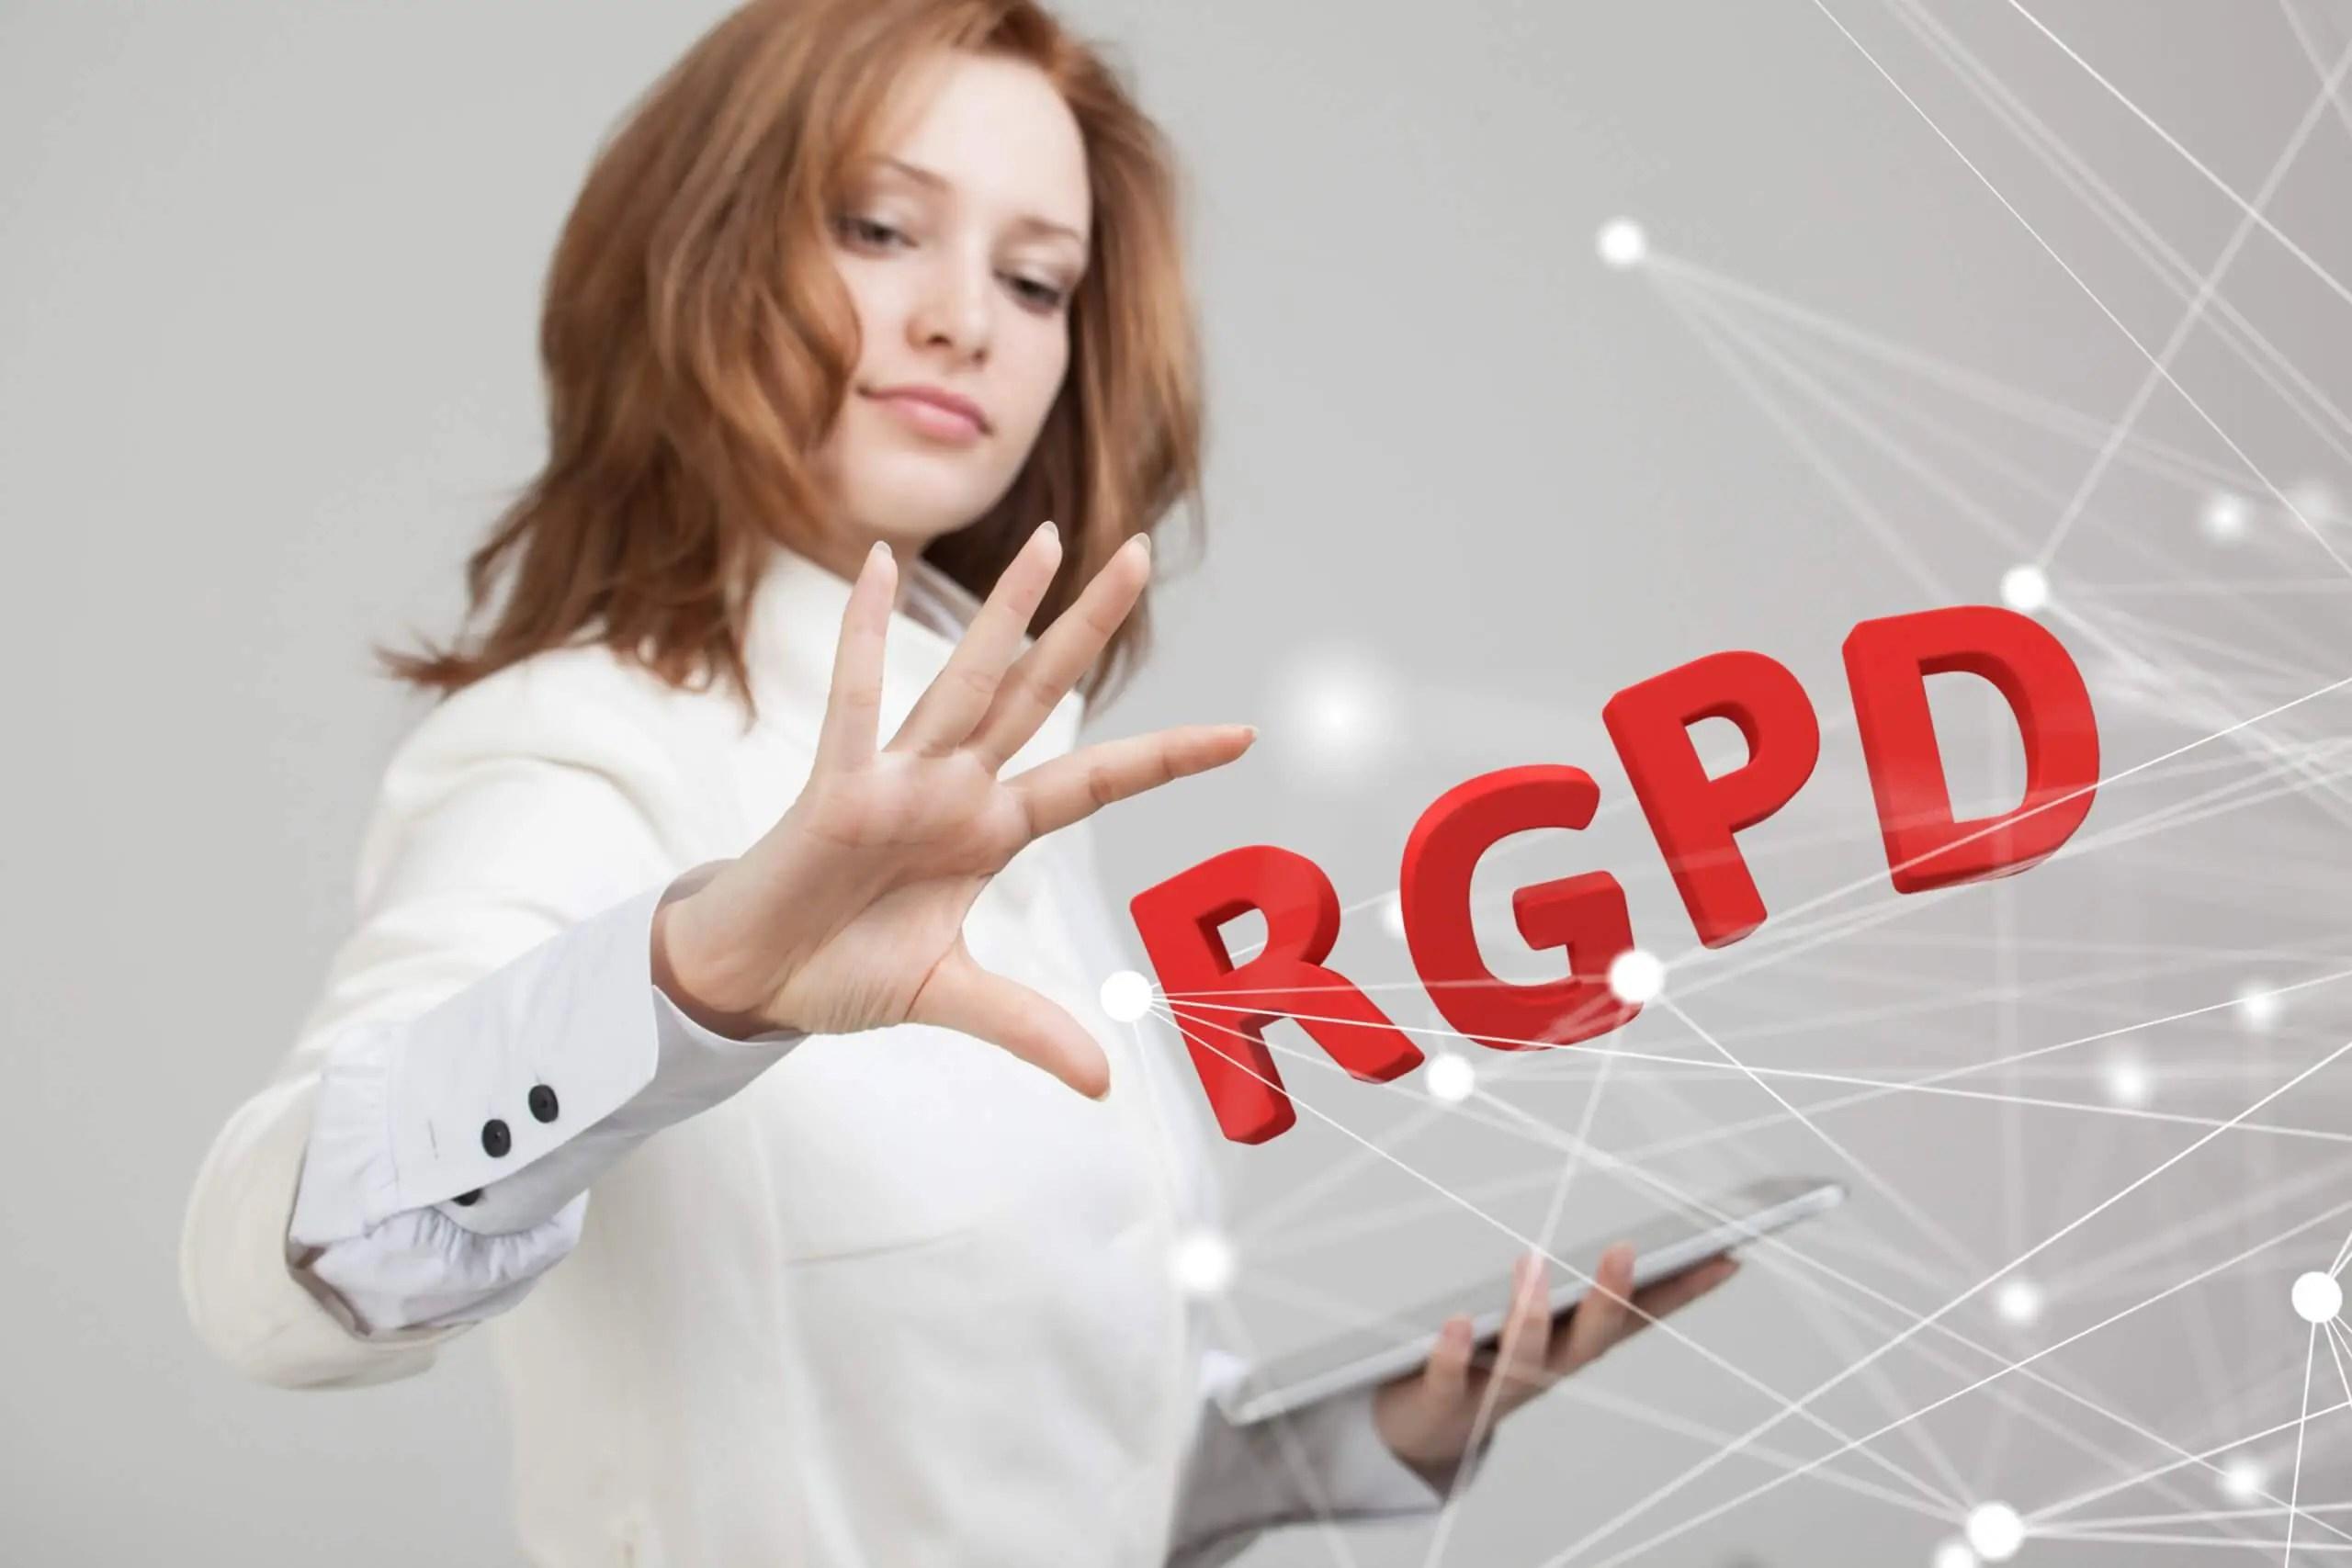 Un Dispositif Travailleur Isolé utilise des données personnelles, nécessitant la conformité au RGPD